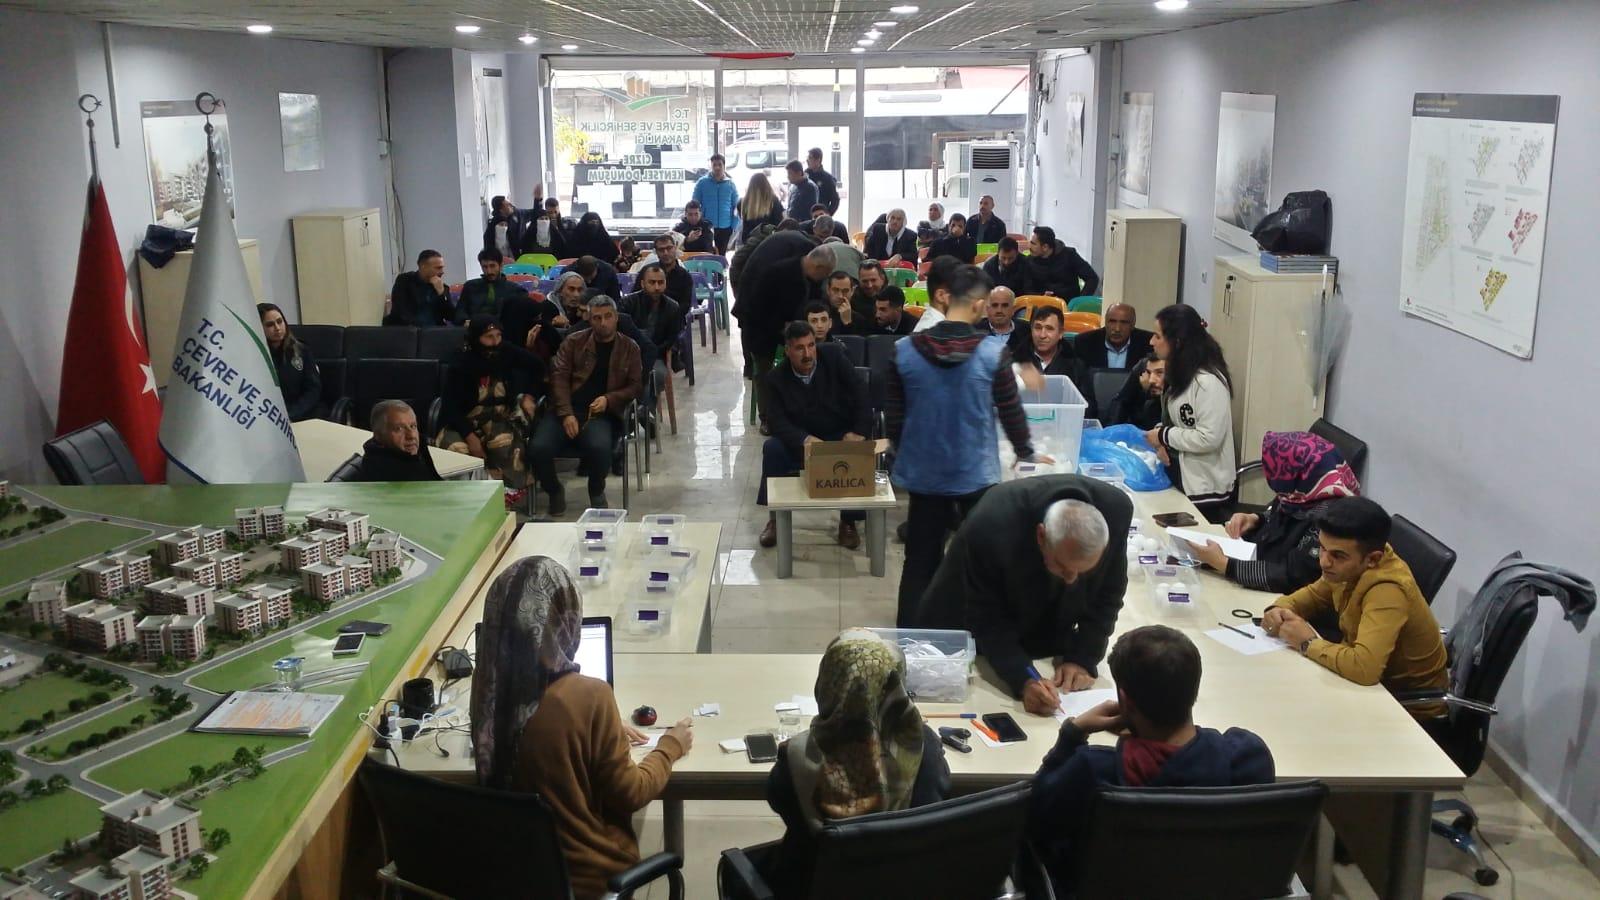 ŞIRNAK ili CİZRE ilçesi Konak Mah. 4. etap 5. Ada için toplamda 207 adet bağımsız bölüm için 134 aileye dağıtmak için noter huzurunda saat  13:00 de Çevre ve Şehirçilik Bakanlığı Cizre irtibat ofisinde kura çekilişi gerçekleştiriliyor.